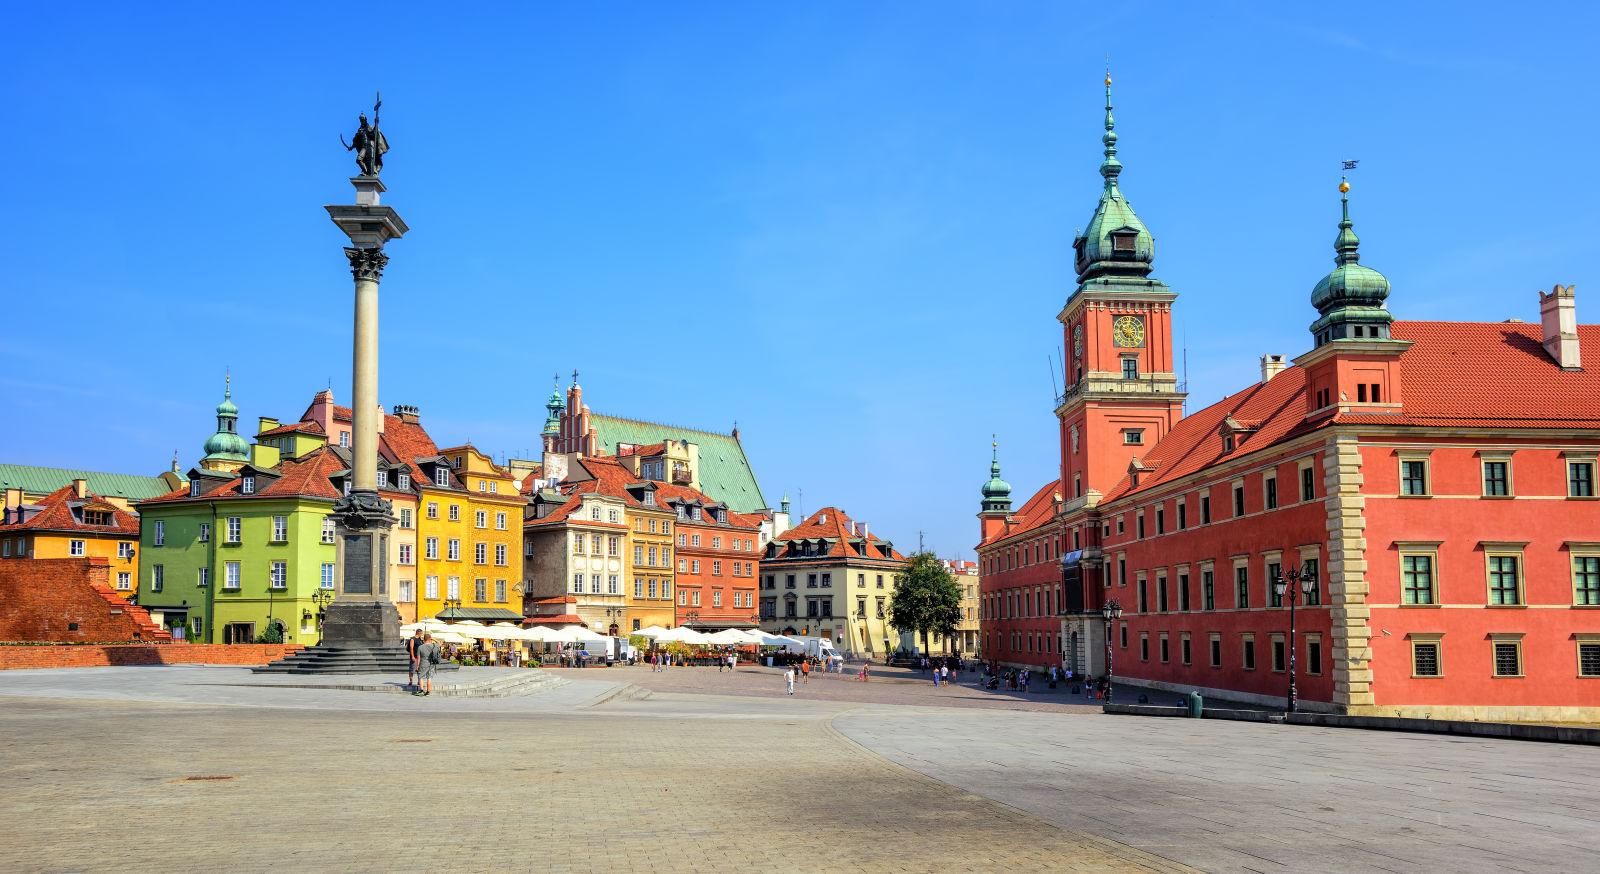 Blick auf die Altstadt von Warschau